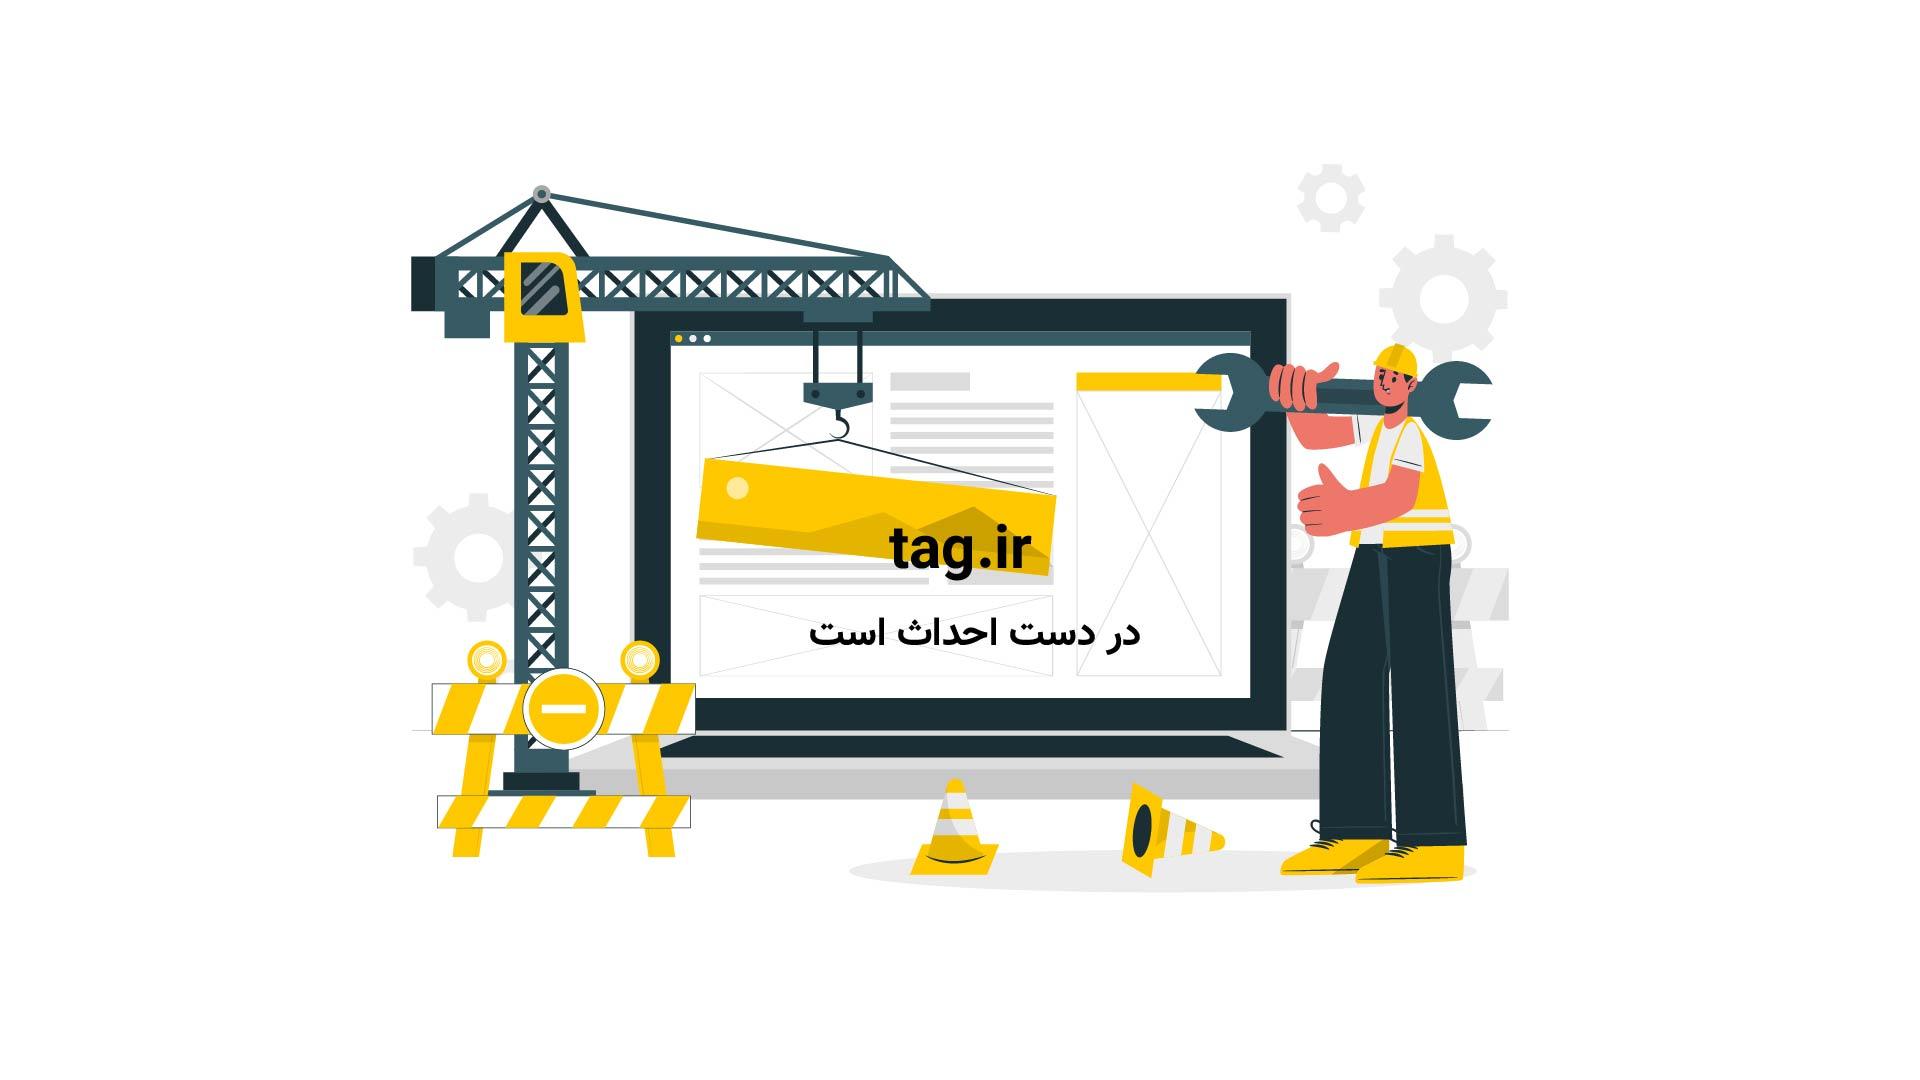 عنکبوت داروین | تگ